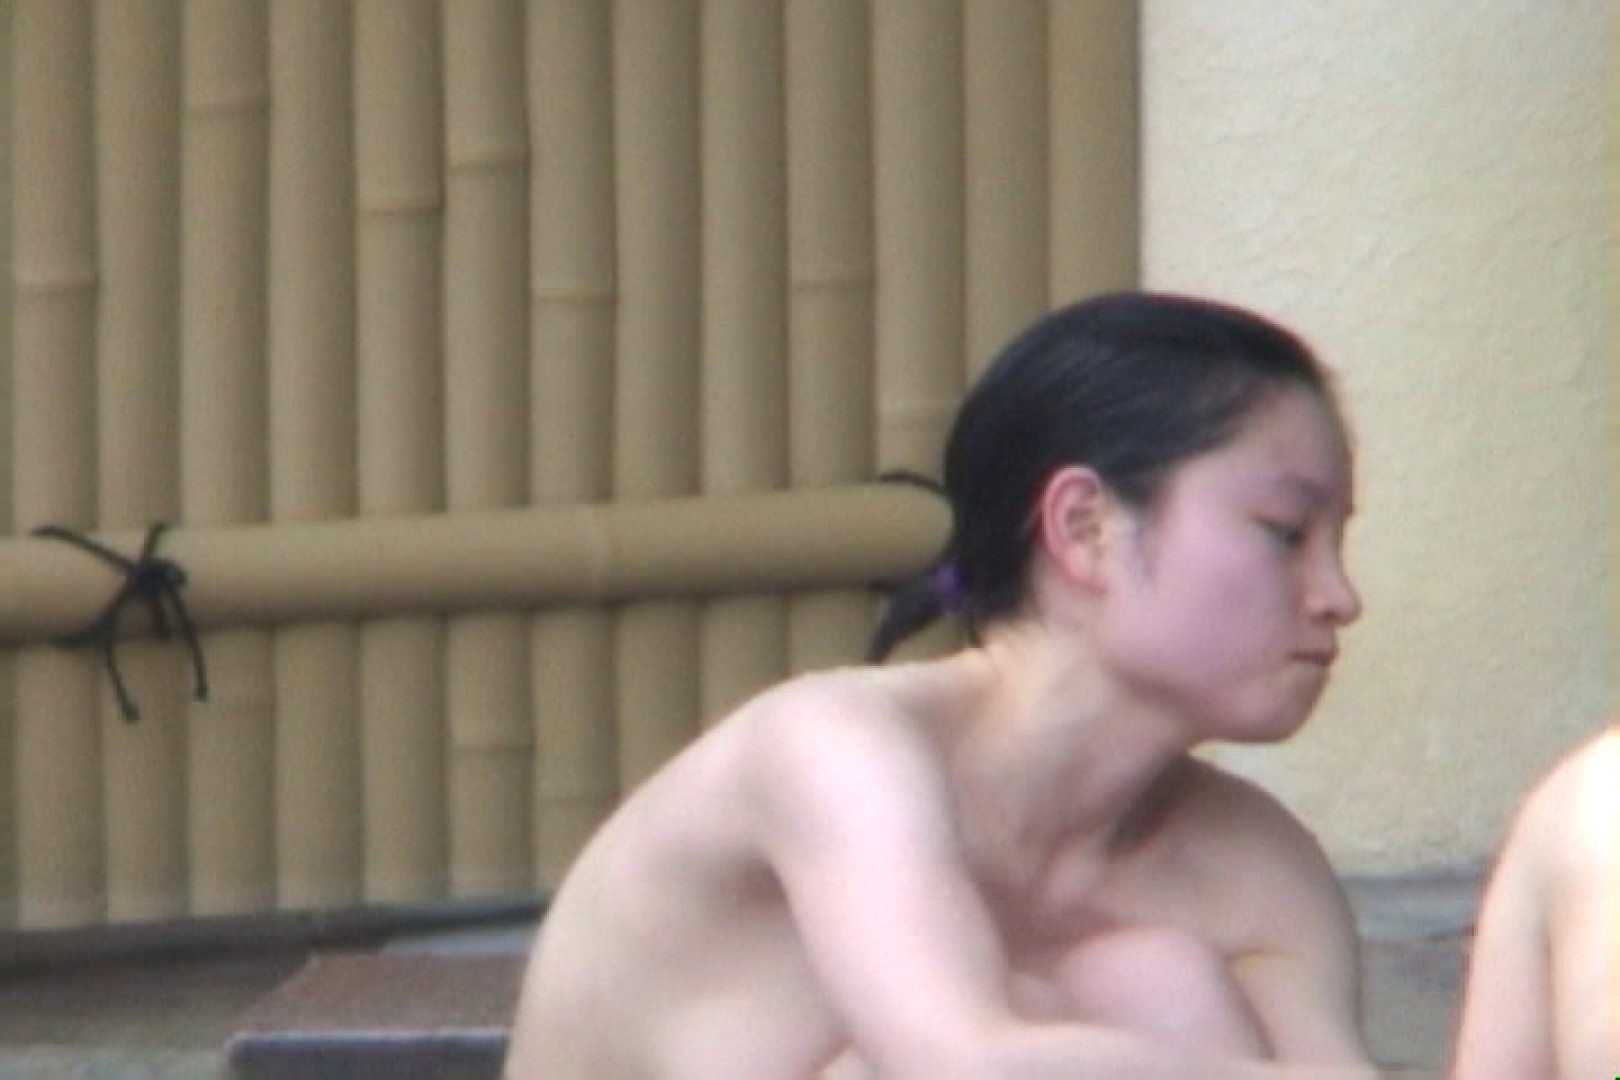 Aquaな露天風呂Vol.45【VIP限定】 OLセックス のぞき濡れ場動画紹介 91画像 80